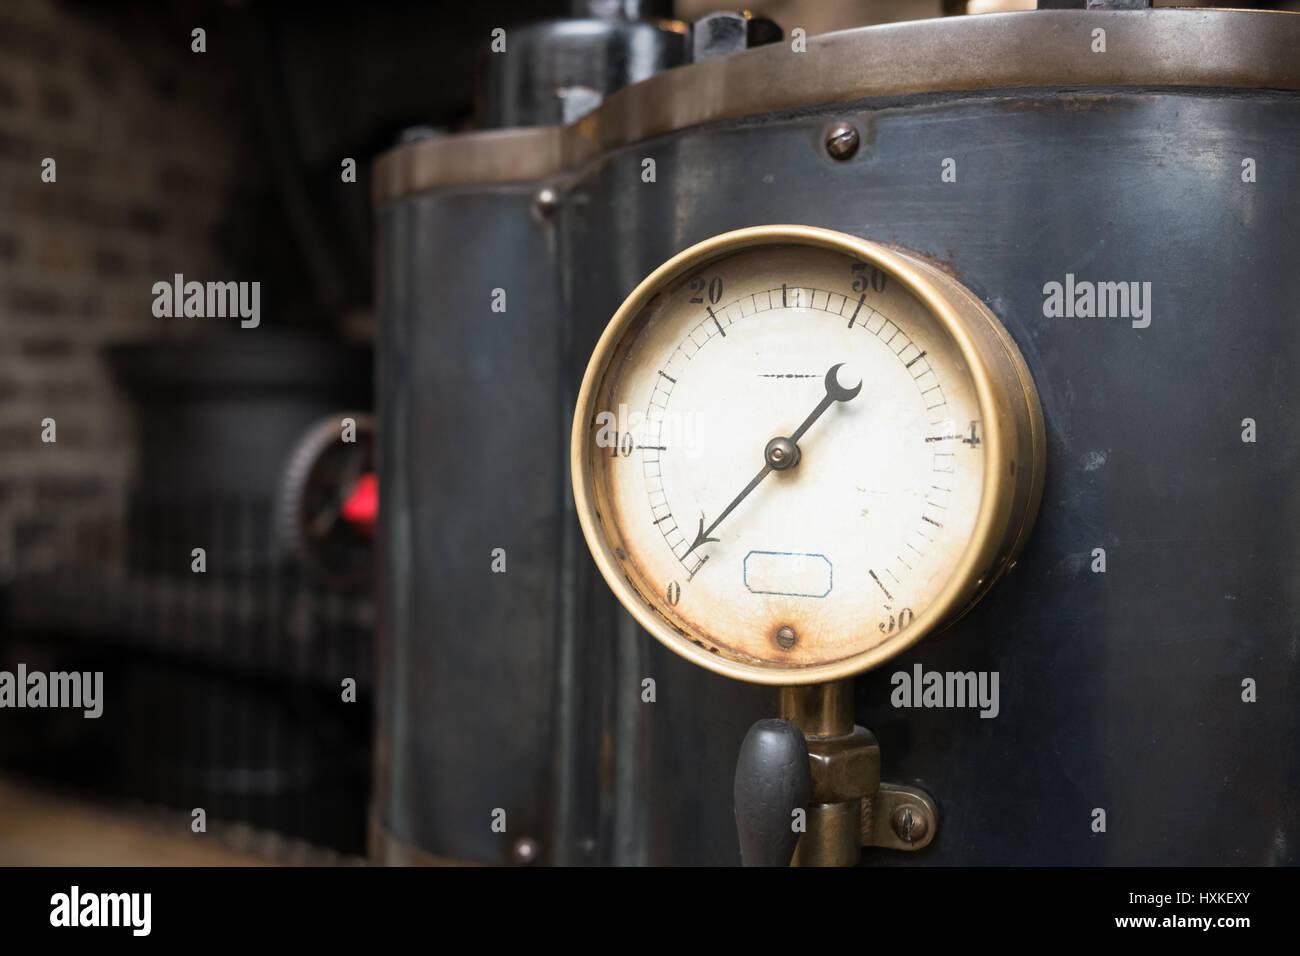 Old industrial pressure gauge. - Stock Image